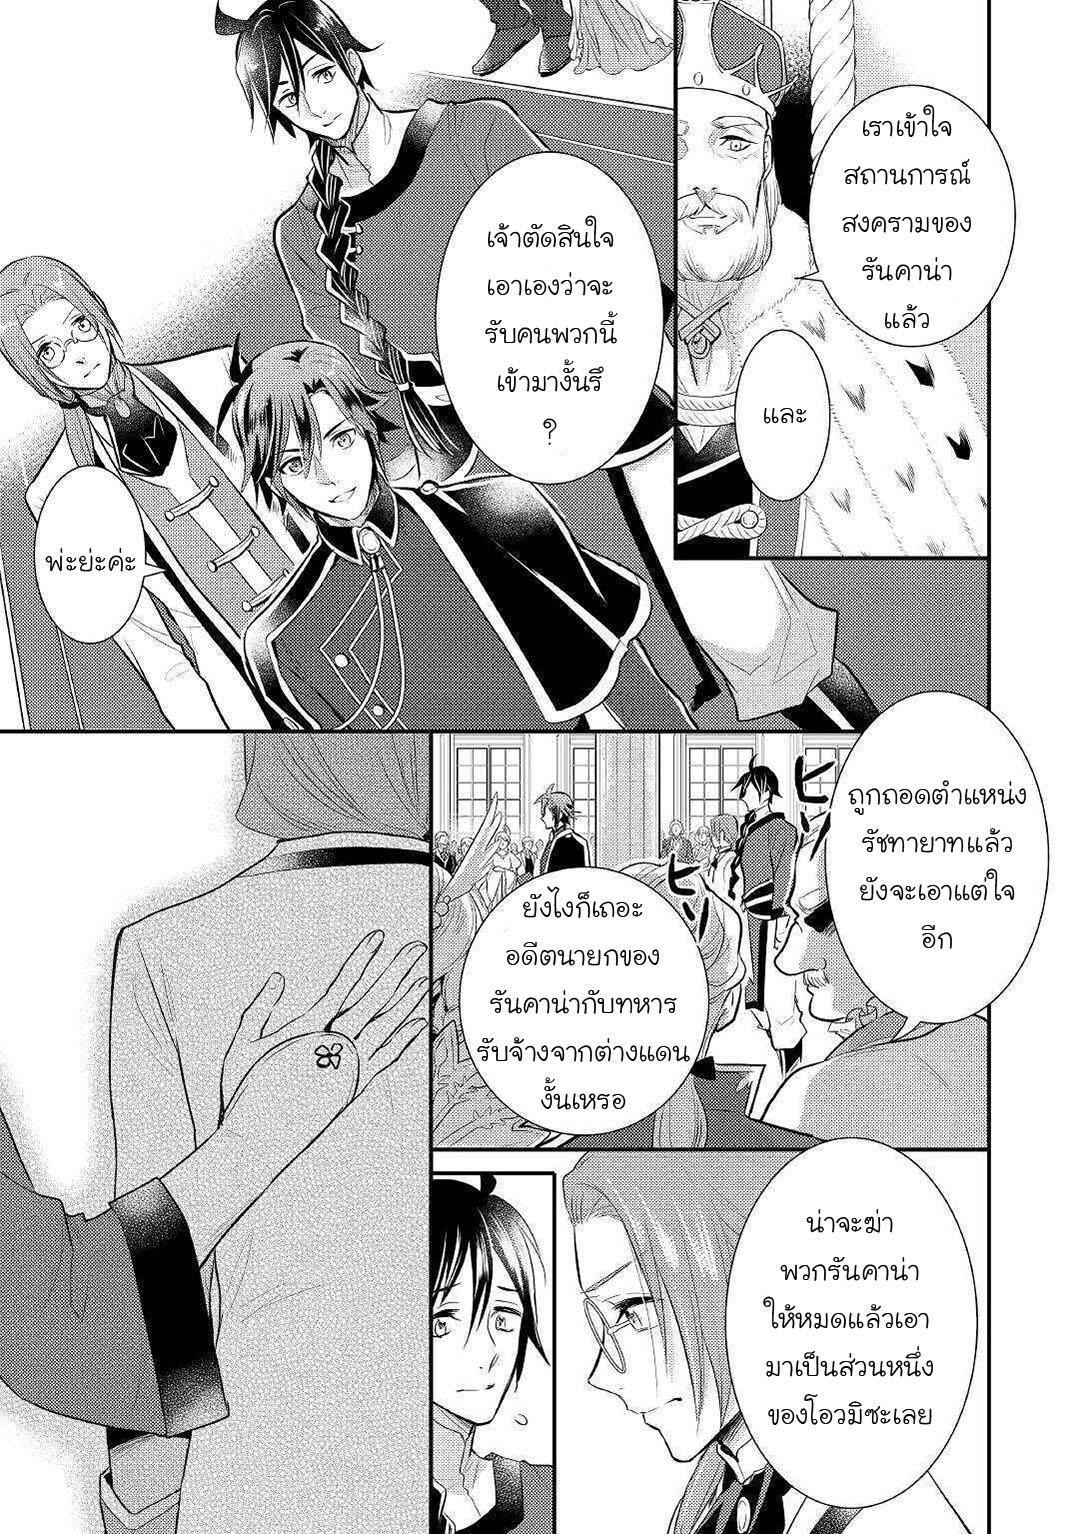 อ่านการ์ตูน Daites Ryou Koubouki ตอนที่ 27 หน้าที่ 7